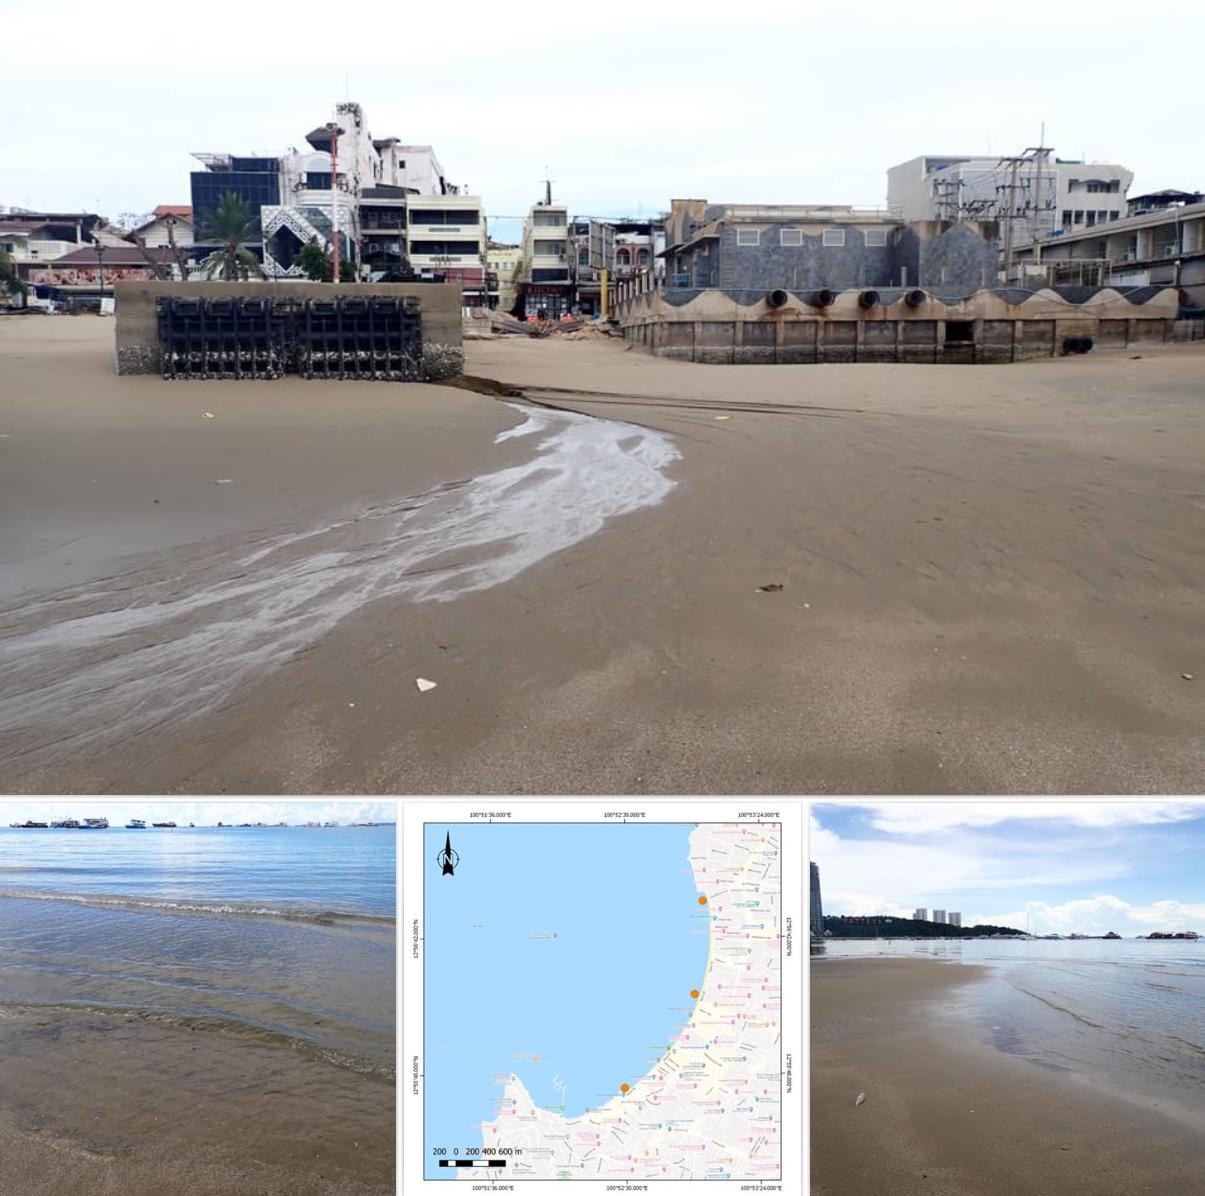 ตรวจสอบน้ำทะเลอ่าวพัทยา ยังอยู่ในเกณฑ์มาตรฐาน